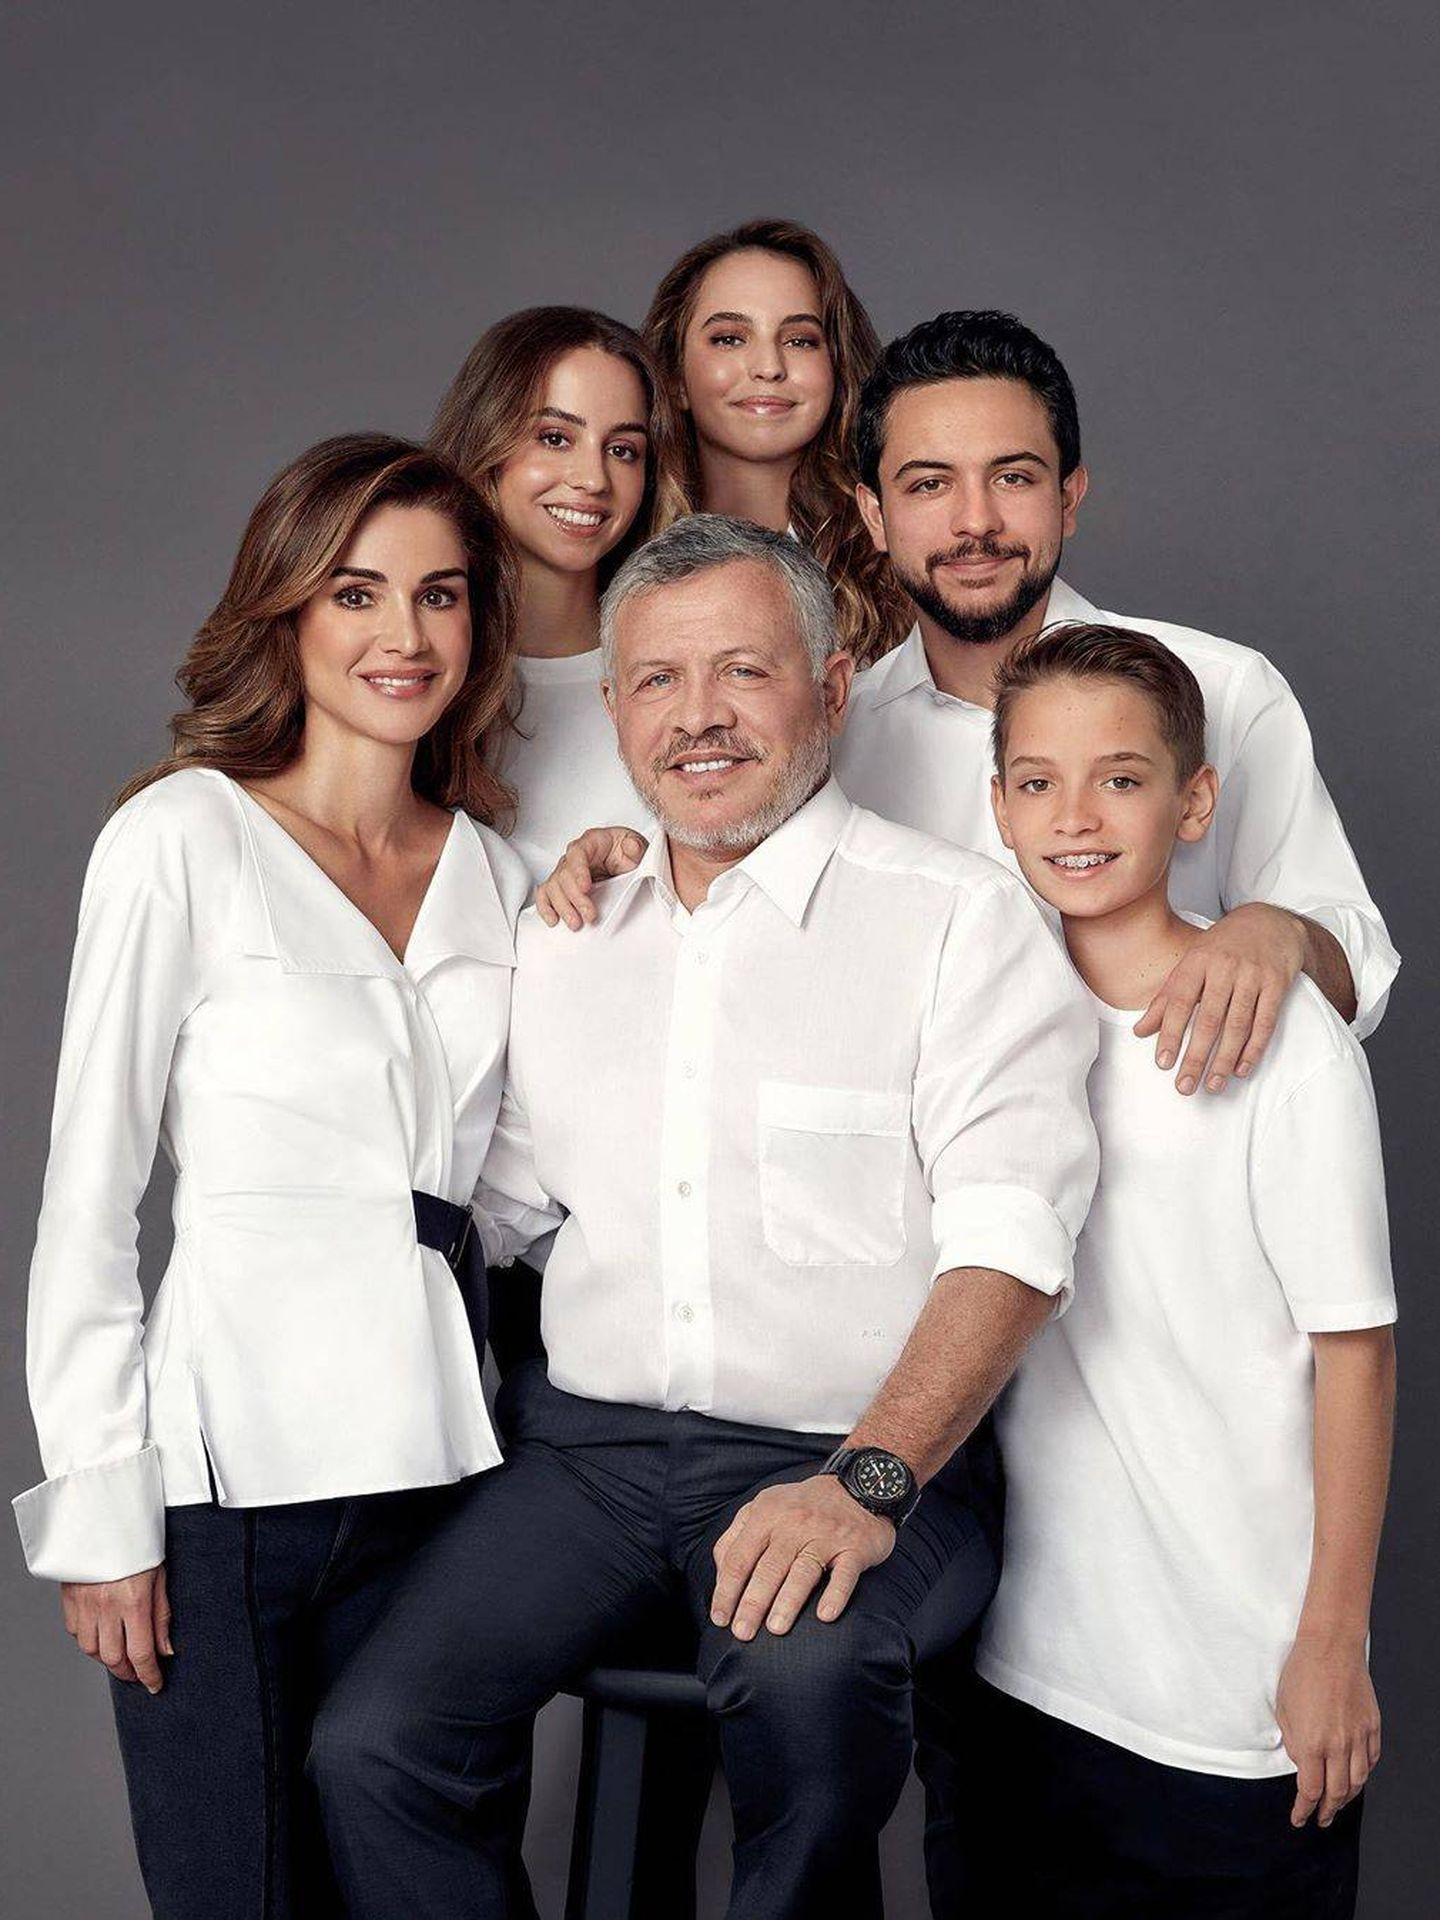 La familia real jordana, en la felicitación del año pasado. (Instagram @queenrania)